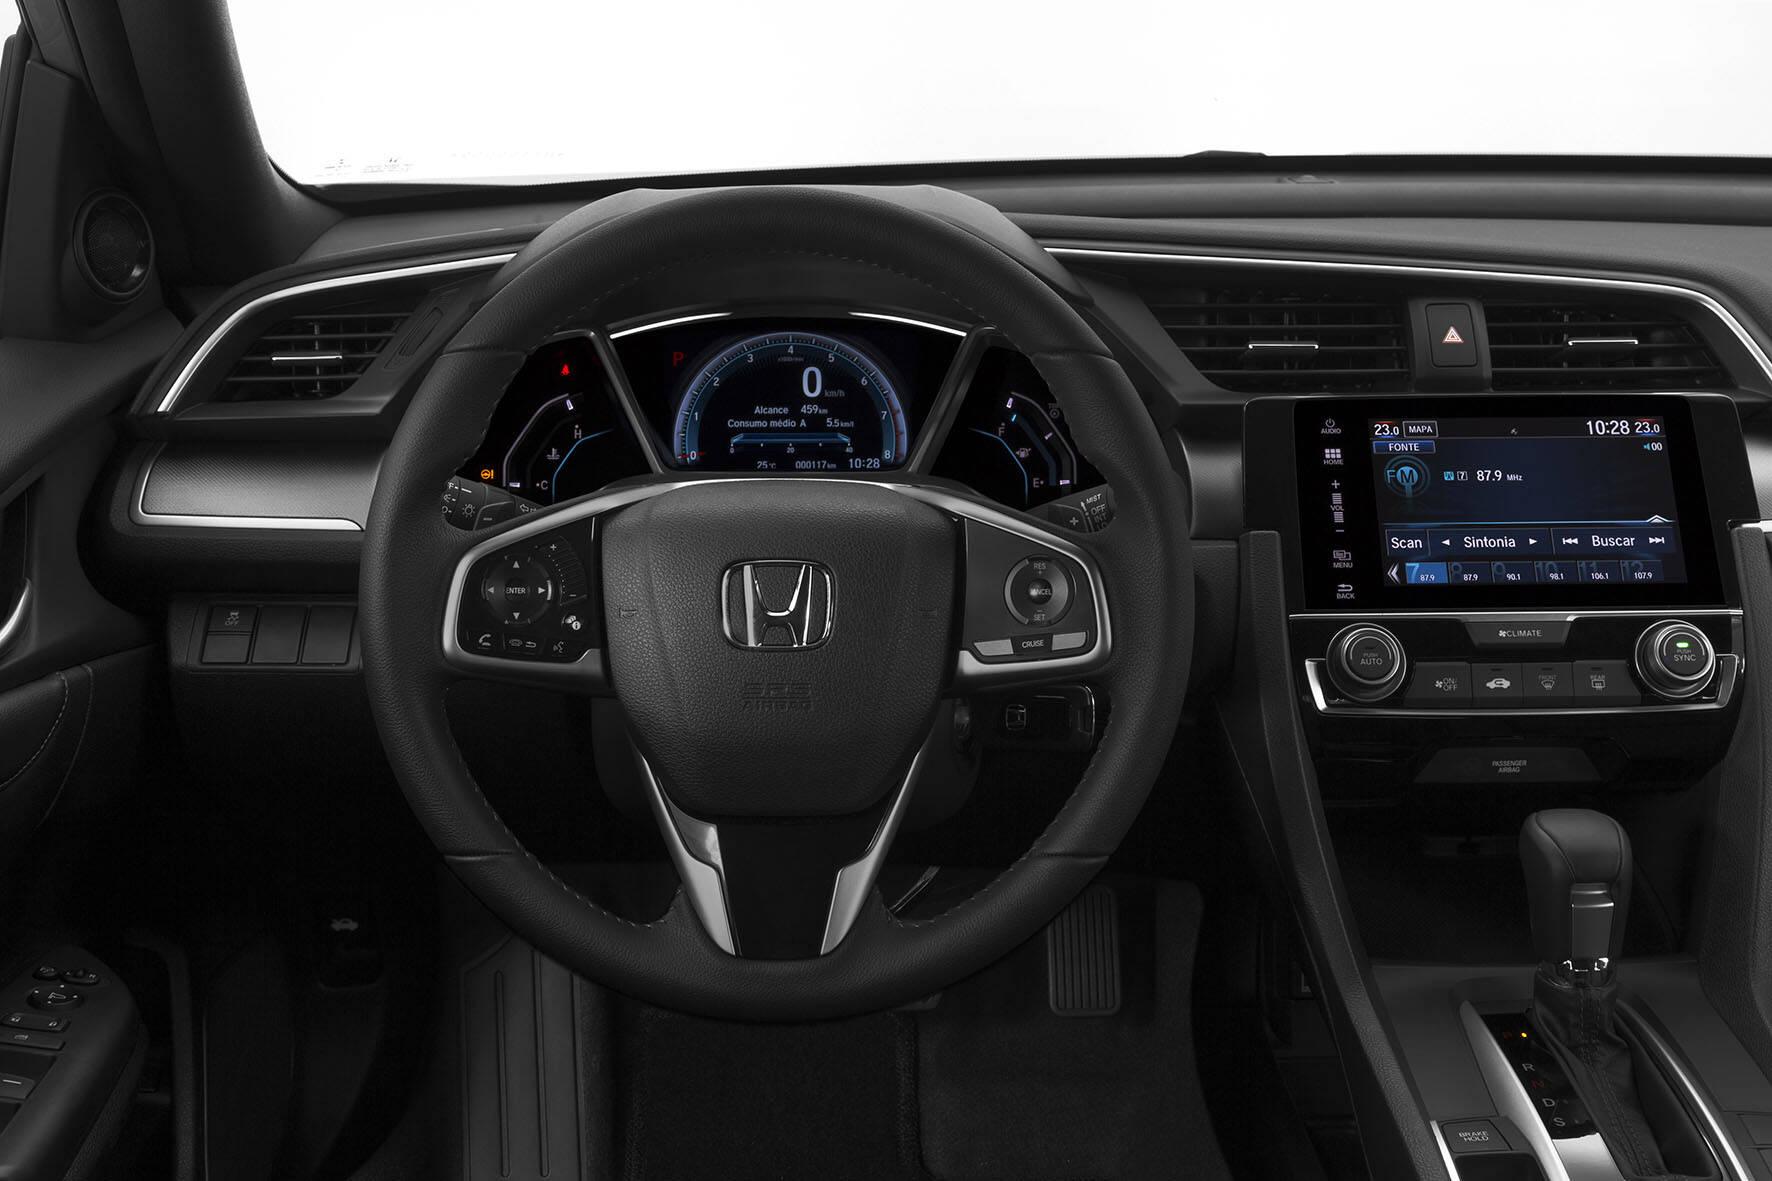 Honda Civic 2017. Foto: Divulgação